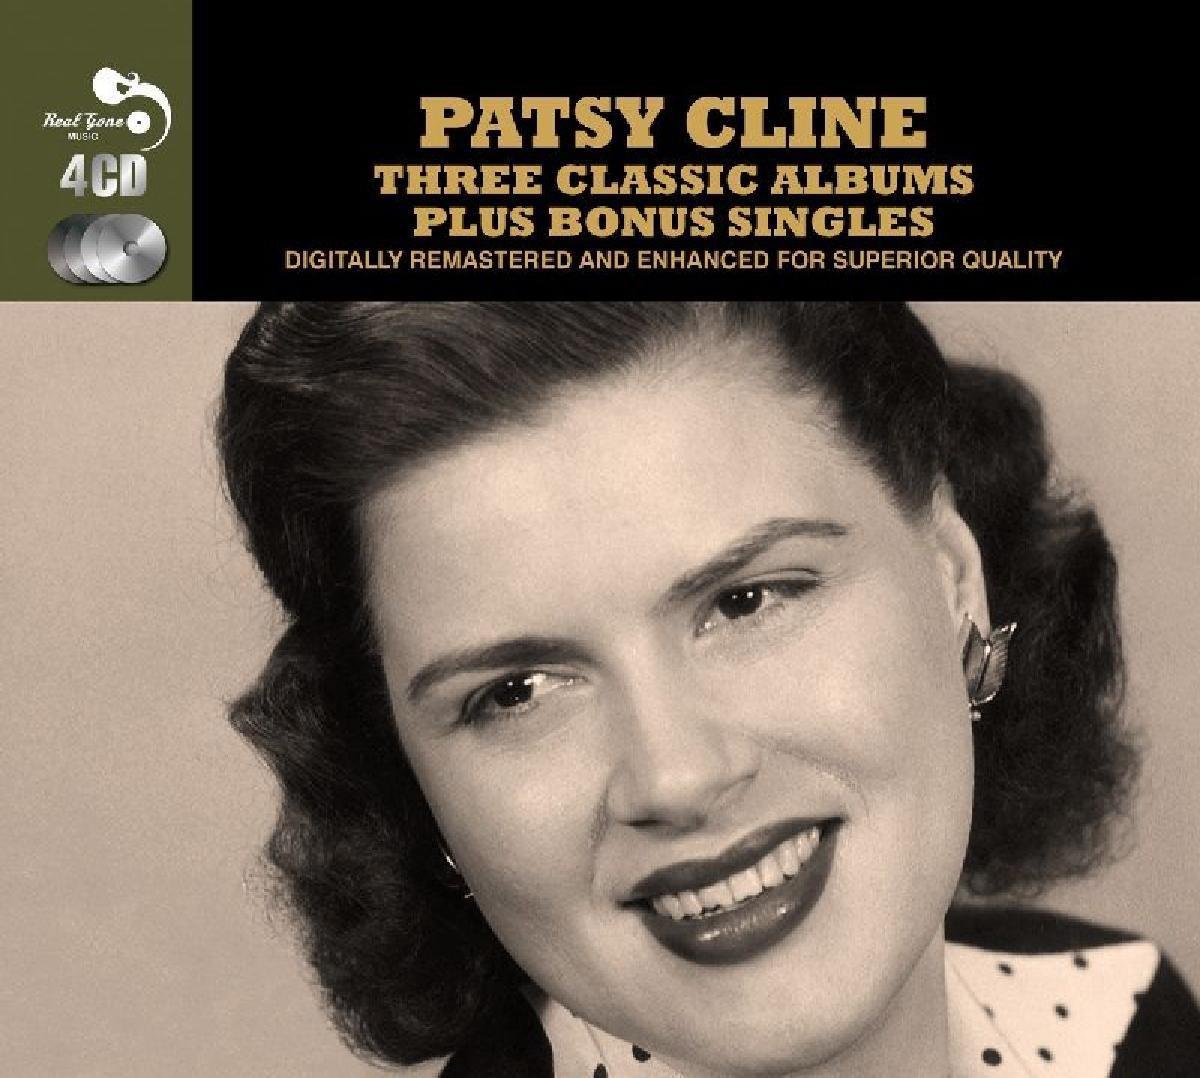 3 Classic Albums Plus - Patsy Cline